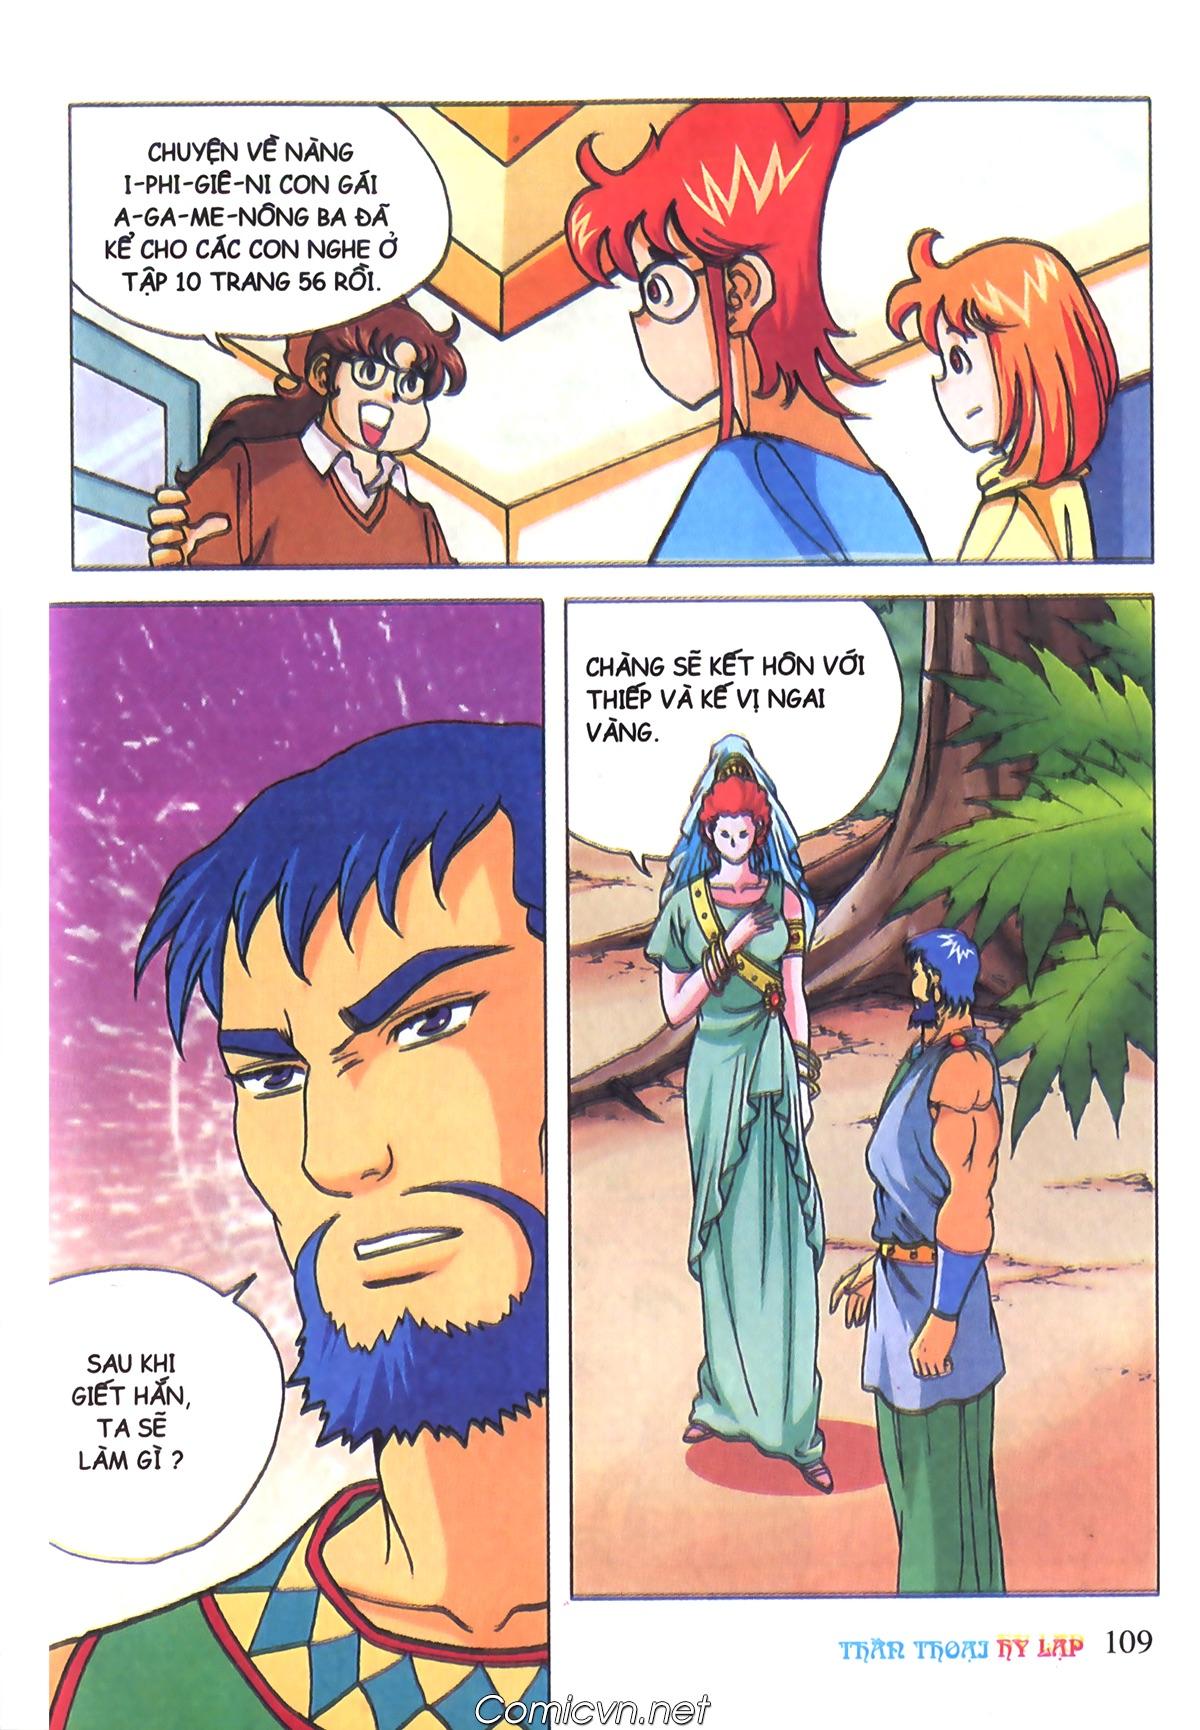 Thần Thoại Hy Lạp Màu - Chapter 70: Nàng Ê lếch tơ - Pic 4